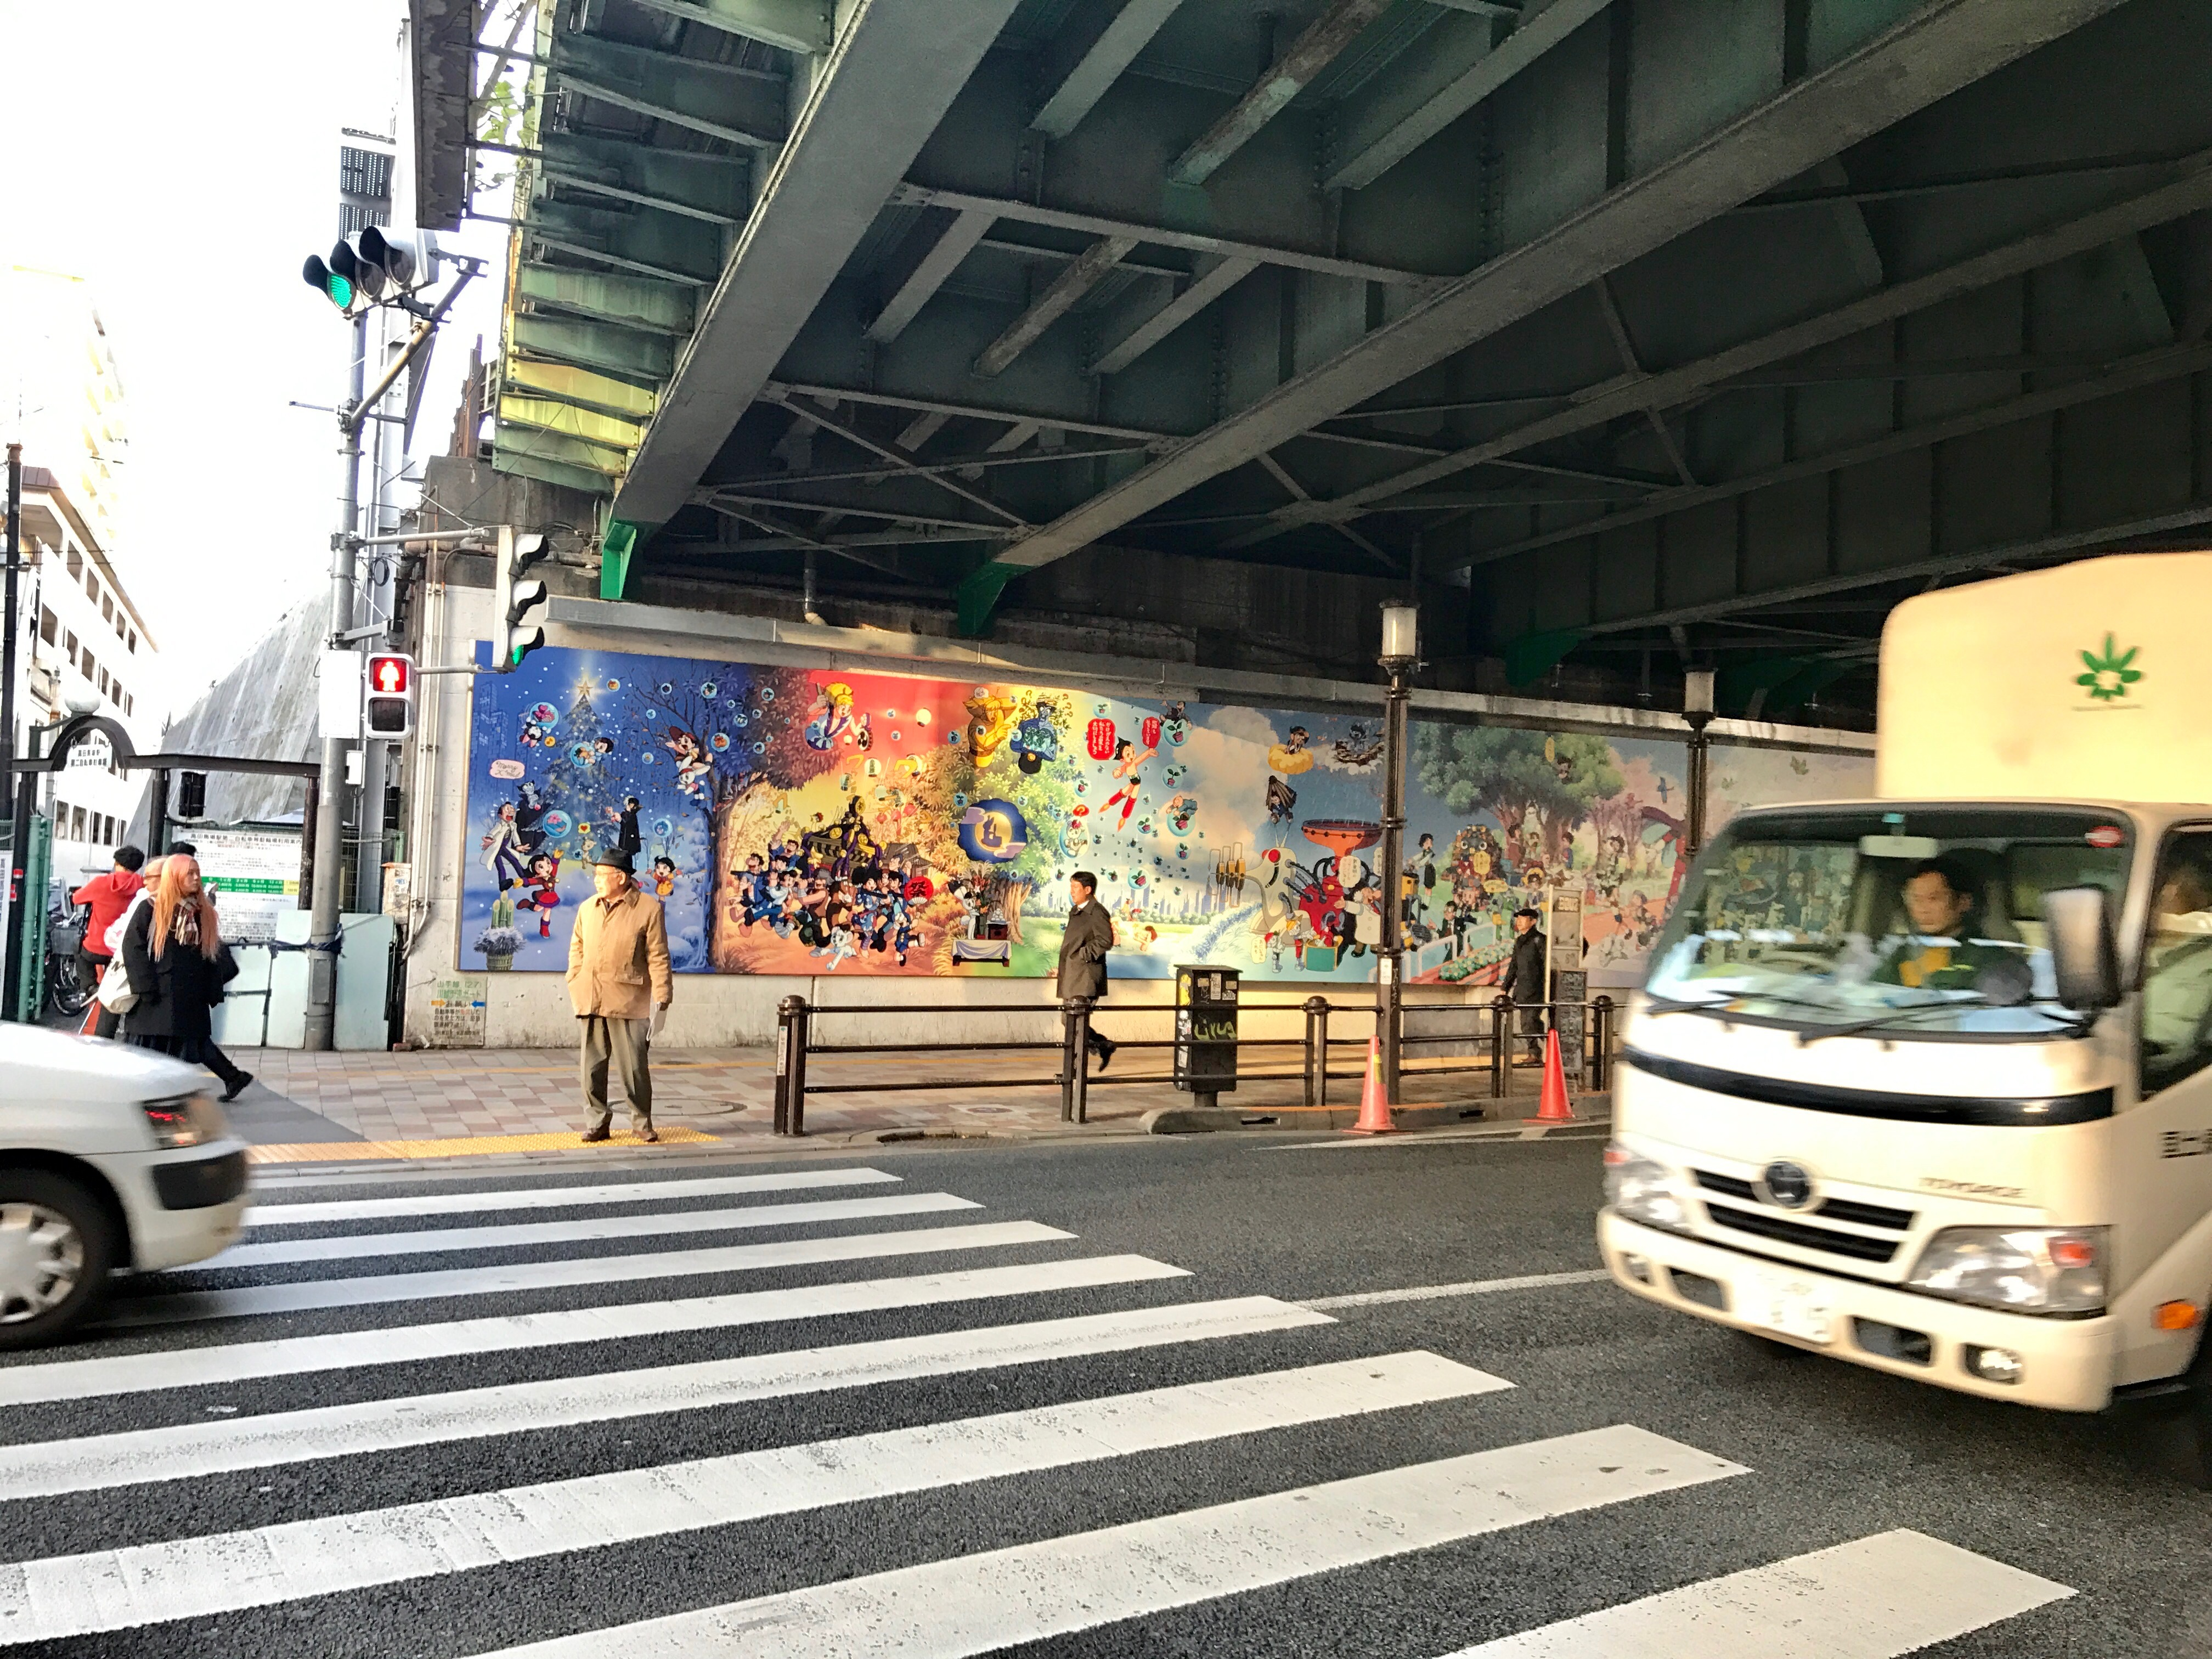 365 Jours de Tokyo: Day 8